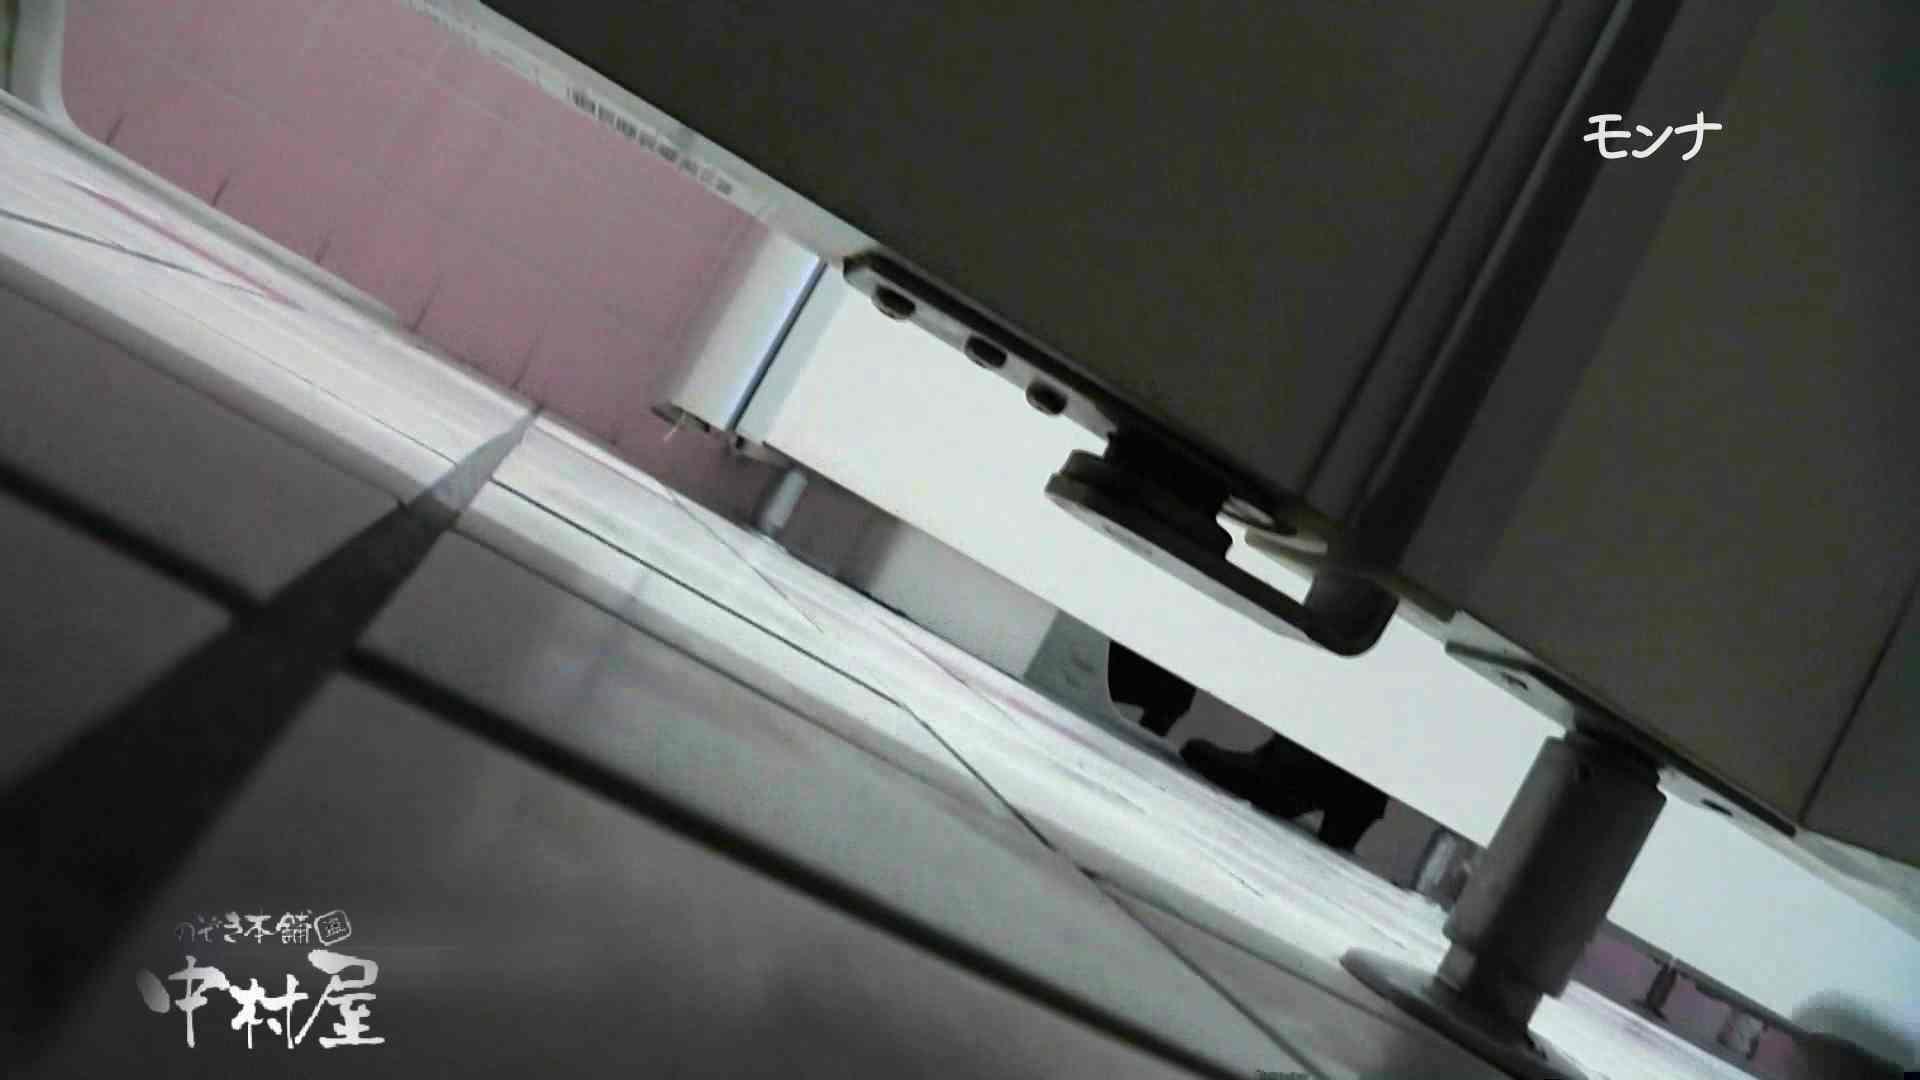 【美しい日本の未来】遂に!!戸田恵梨香似の予告モデル登場ダッシュで「大」後編 0   0  52連発 45